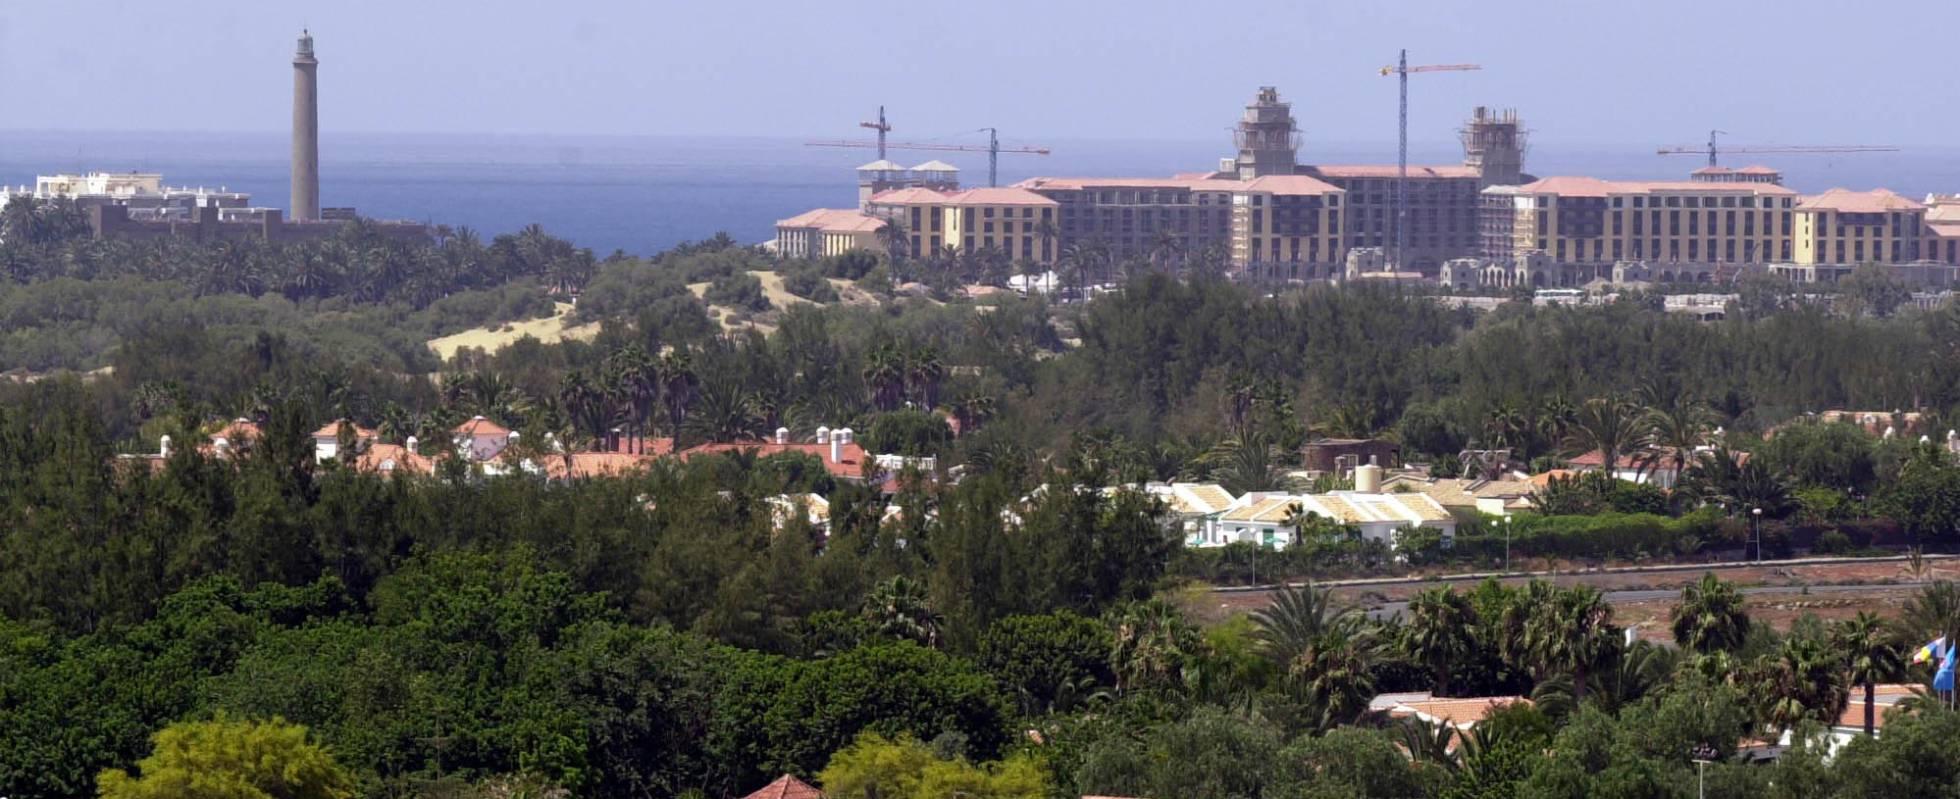 Аренда туристического жилья принесла экономике Испании 62 млрд евро